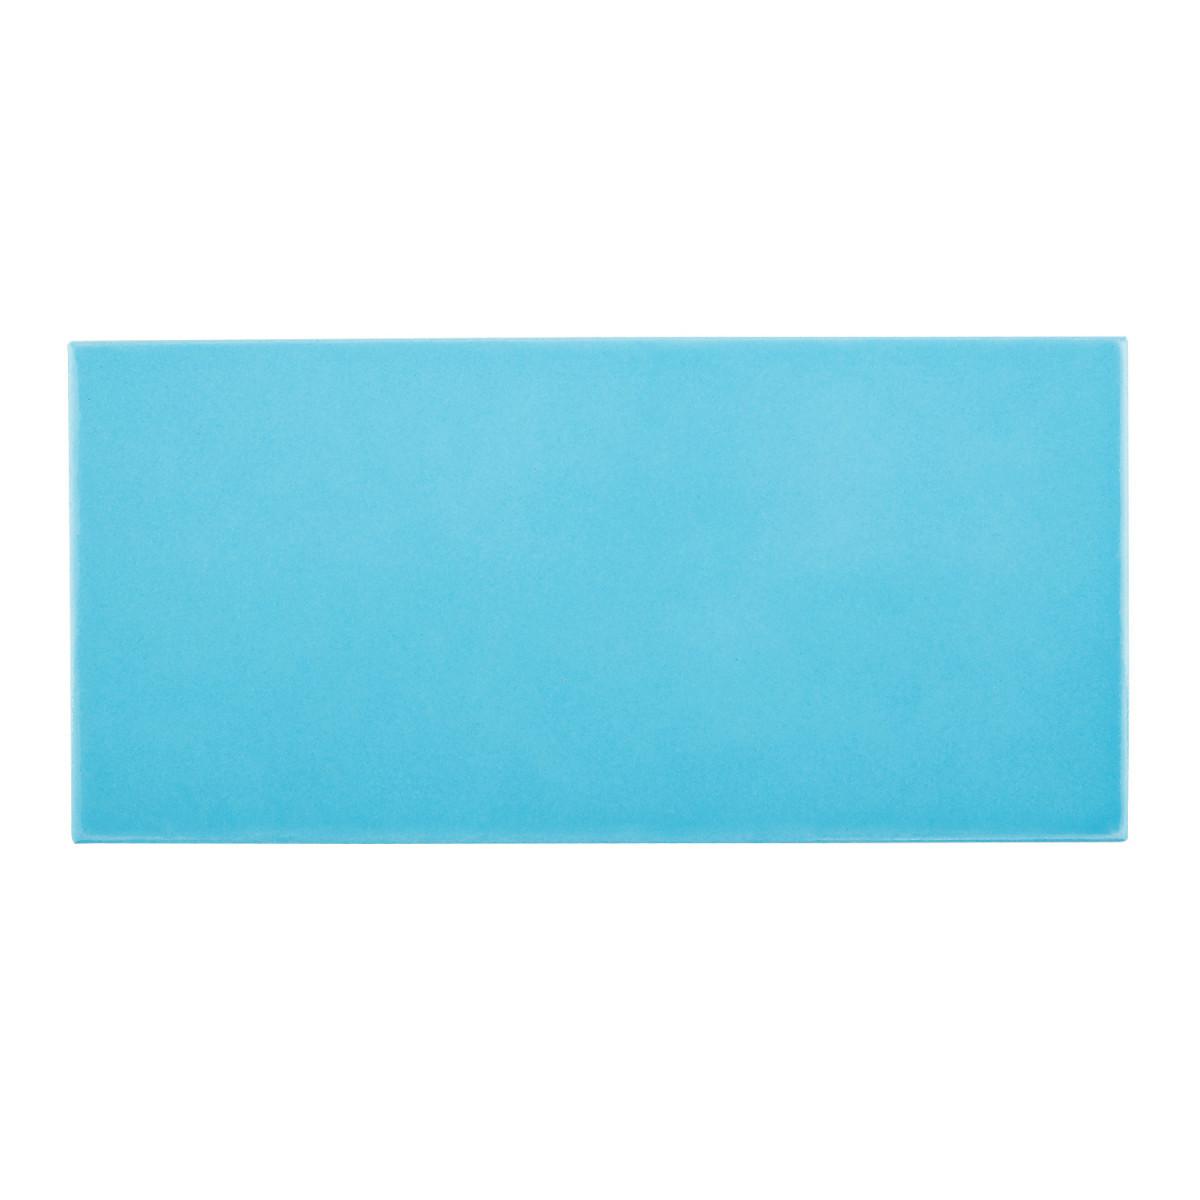 Плитка керамическая глянцевая Aquaviva AV1335